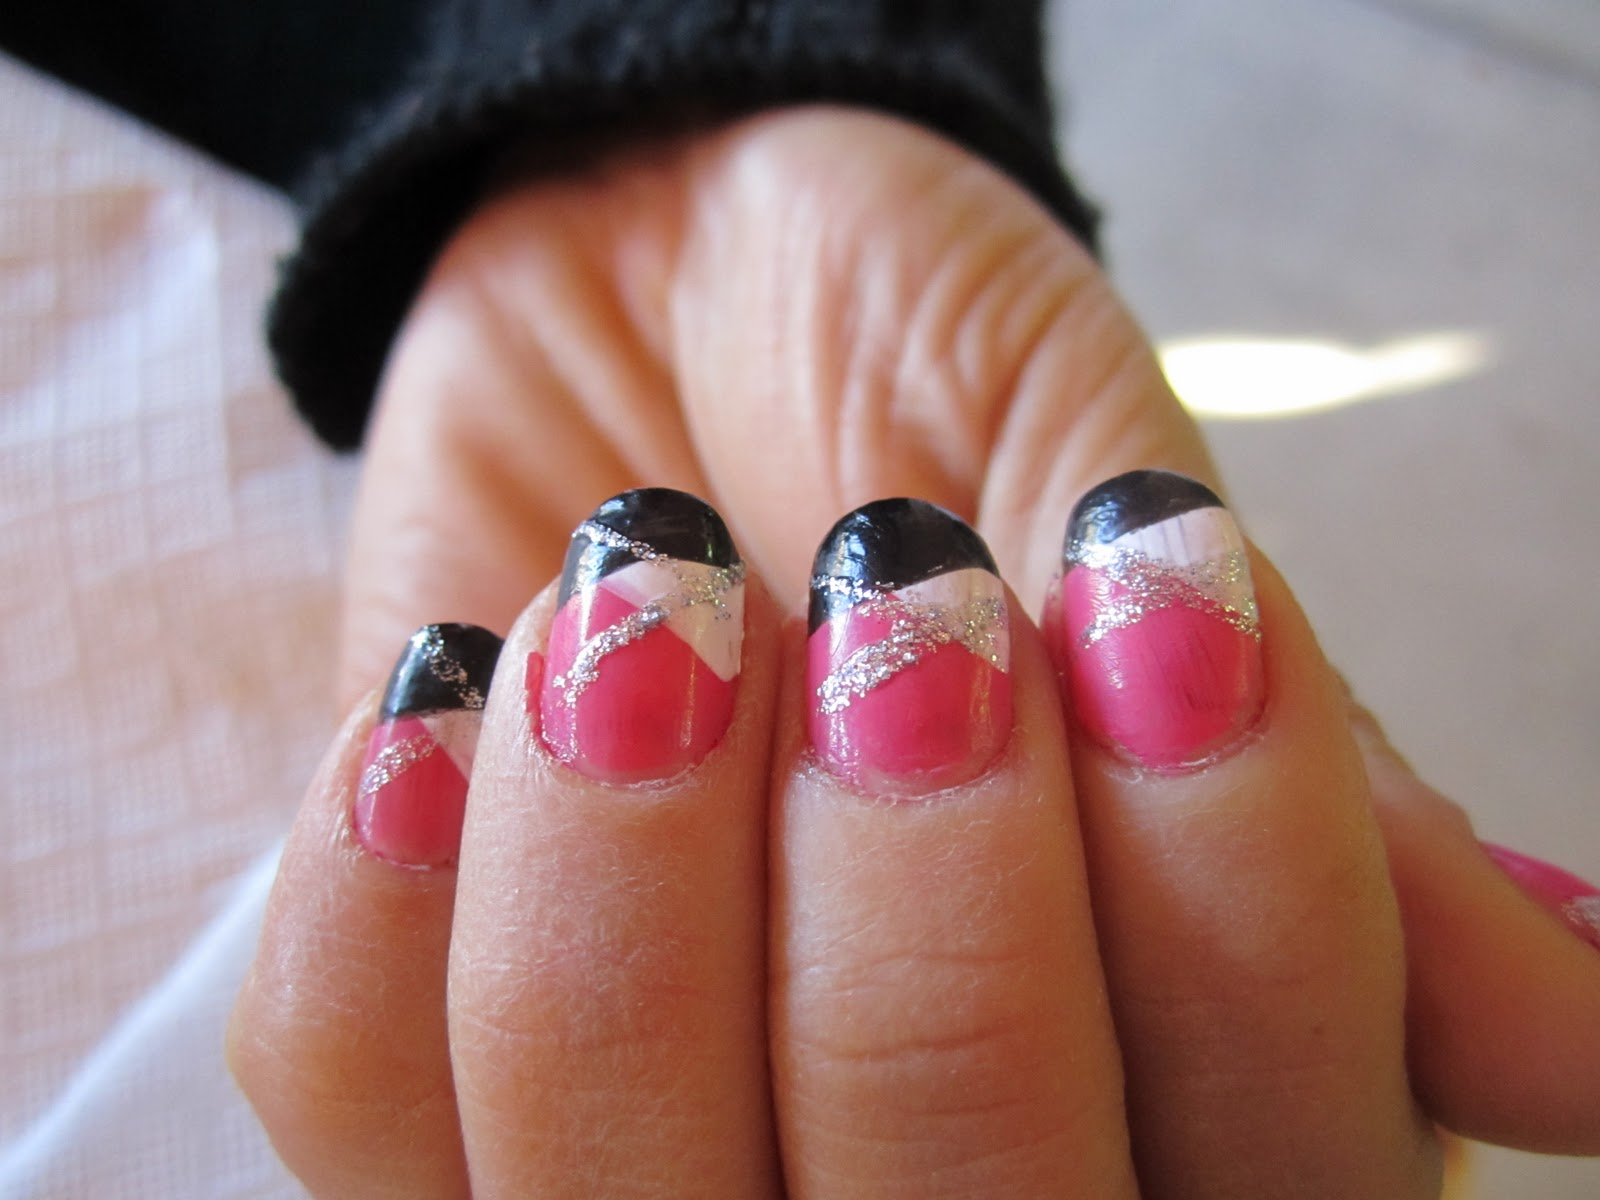 Blanca1018: Zebra nails: Pink/Black/White Plaid nails